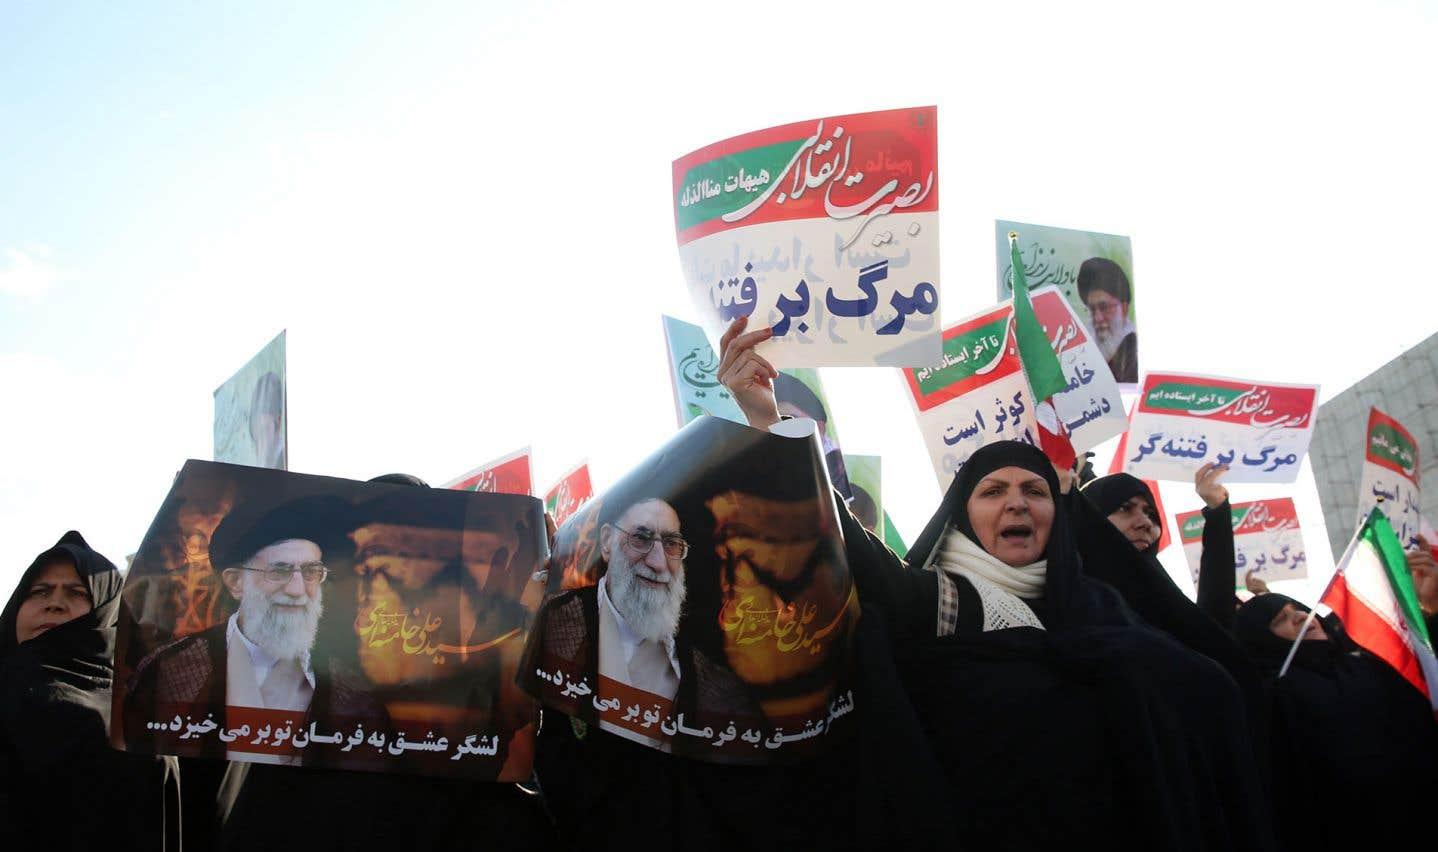 La télévision d'État a diffusé des images de manifestations importantes de soutien au pouvoir à Ispahan, Machhad, Oroumieh, Babol ou encore Ardebil.